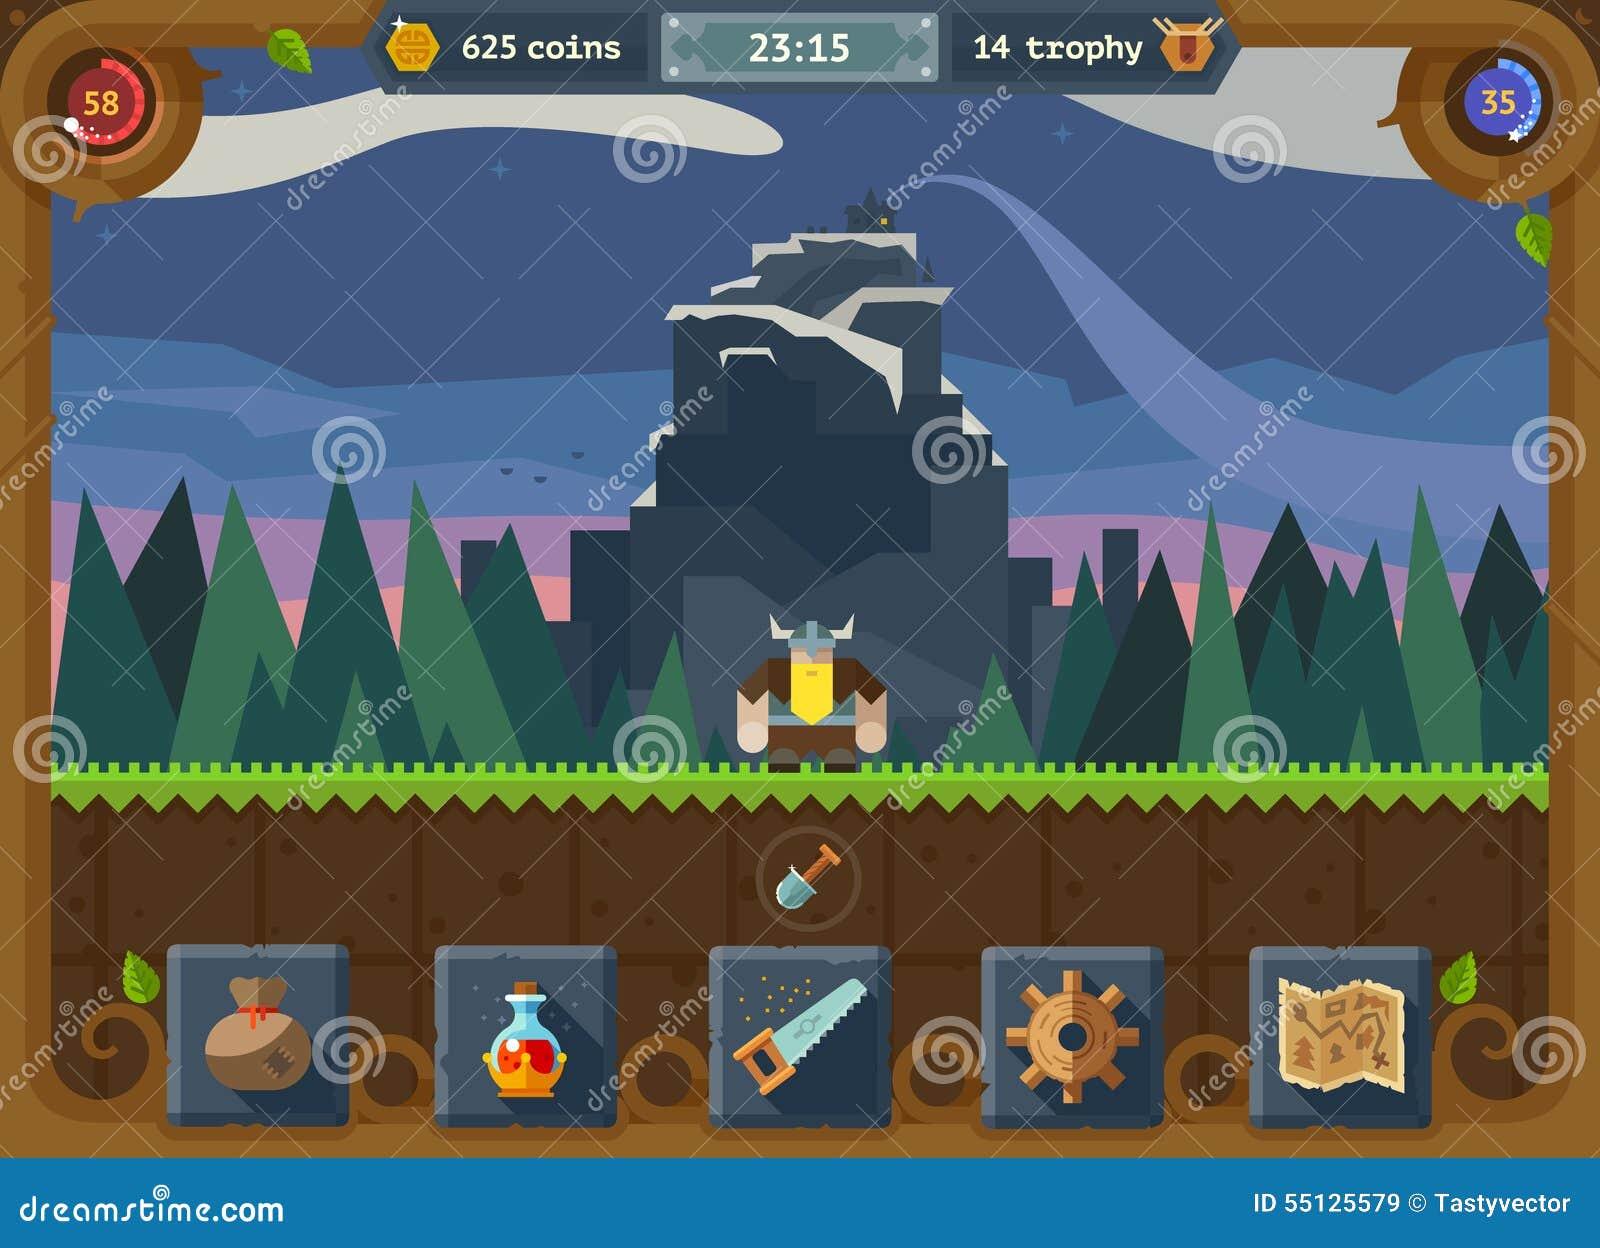 La interfaz de usuario para el juego